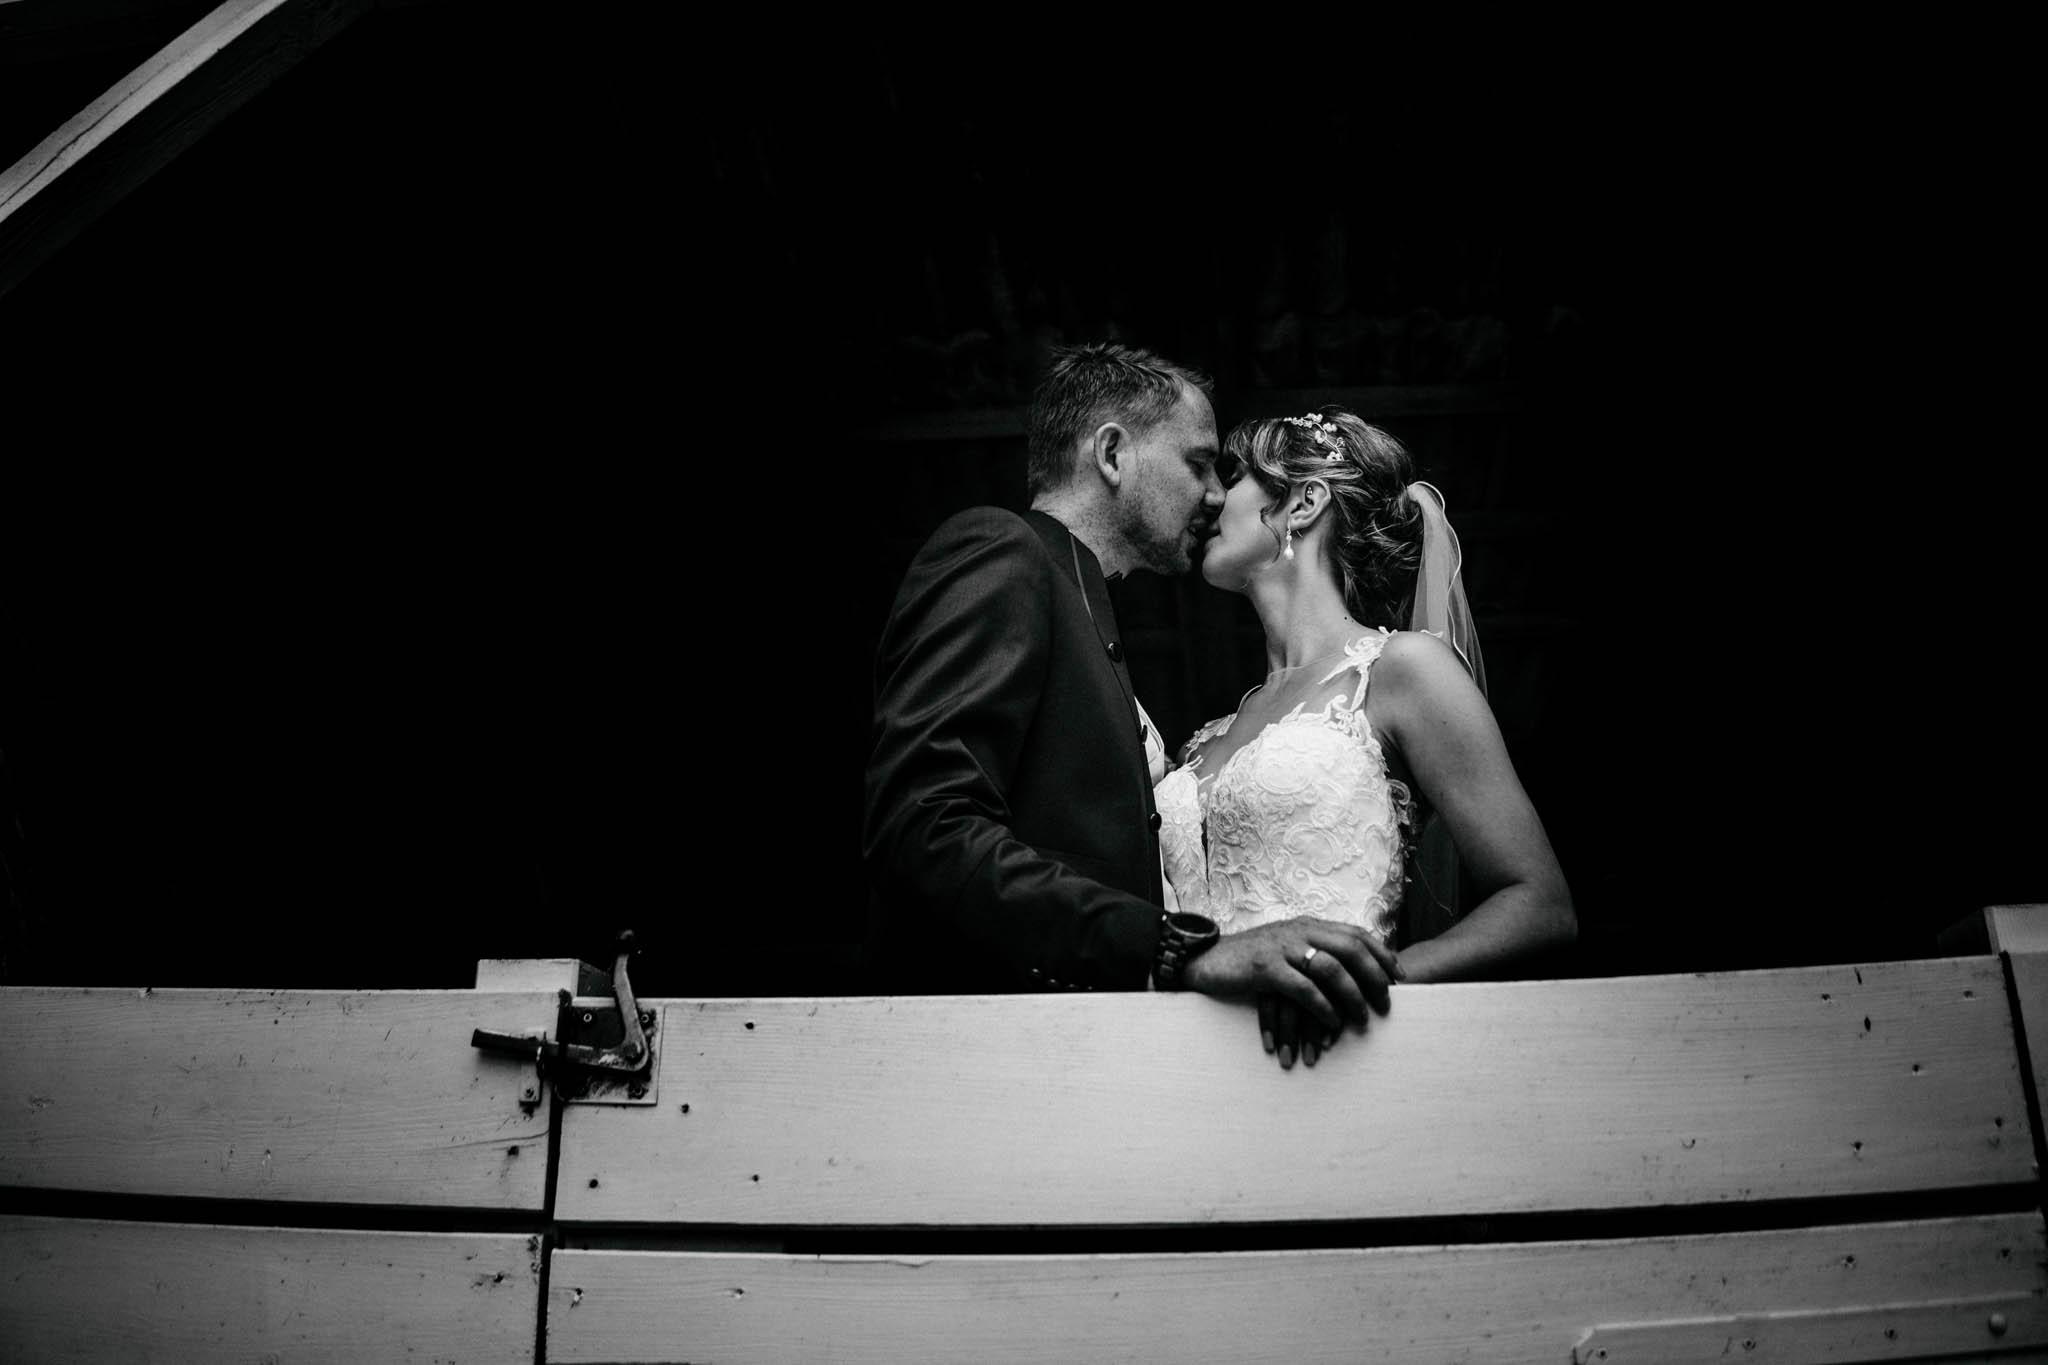 Hochzeitsfieber by Photo-Schomburg, Hoichzeitsfotograf, Hamburg, Wedding, Weddingtime, Hochzeitspaar, Braut, Bräutigam, Hochzeit im Norden,-89